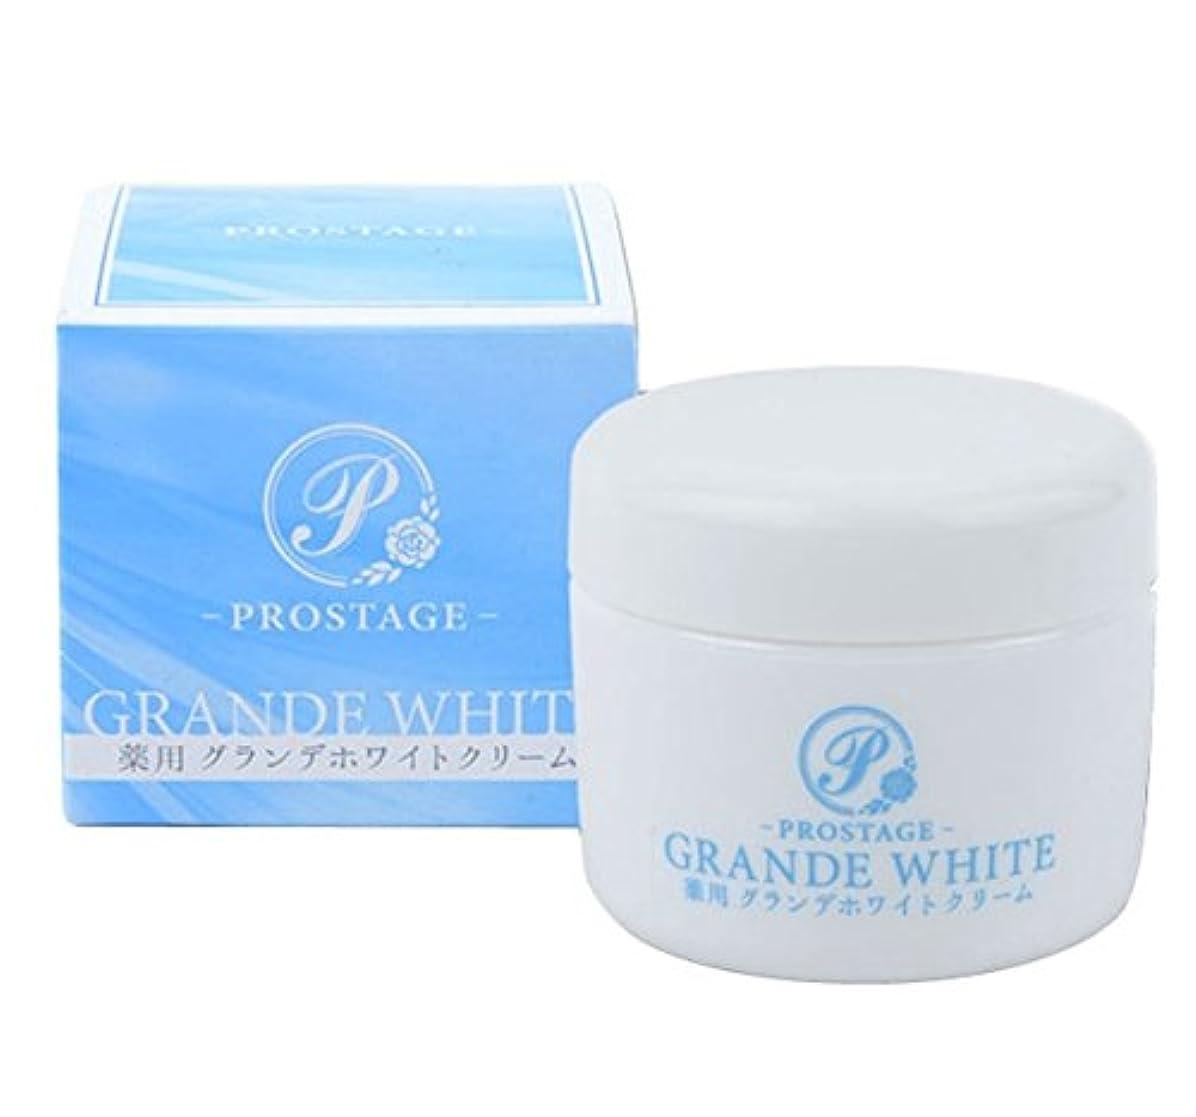 つなぐ知る有用薬用グランデホワイトクリーム PROSTAGE ホワイトニングクリーム 大容量80g (2個)